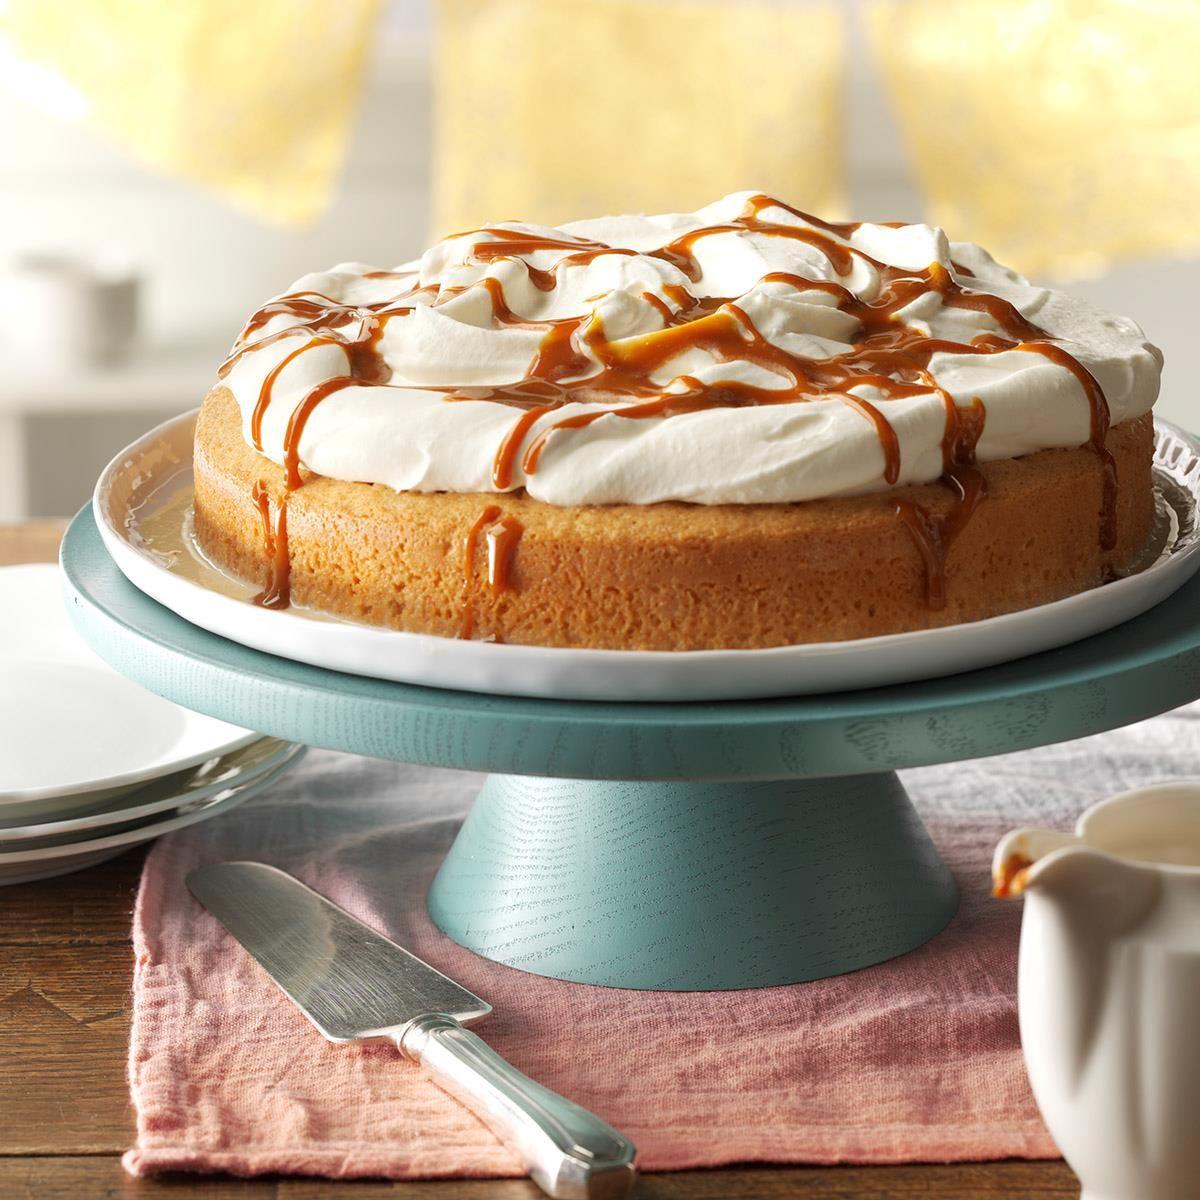 Classic Tres Leches Cake Recipe Sweetened Condensed Milk Recipes Desserts Milk Recipes